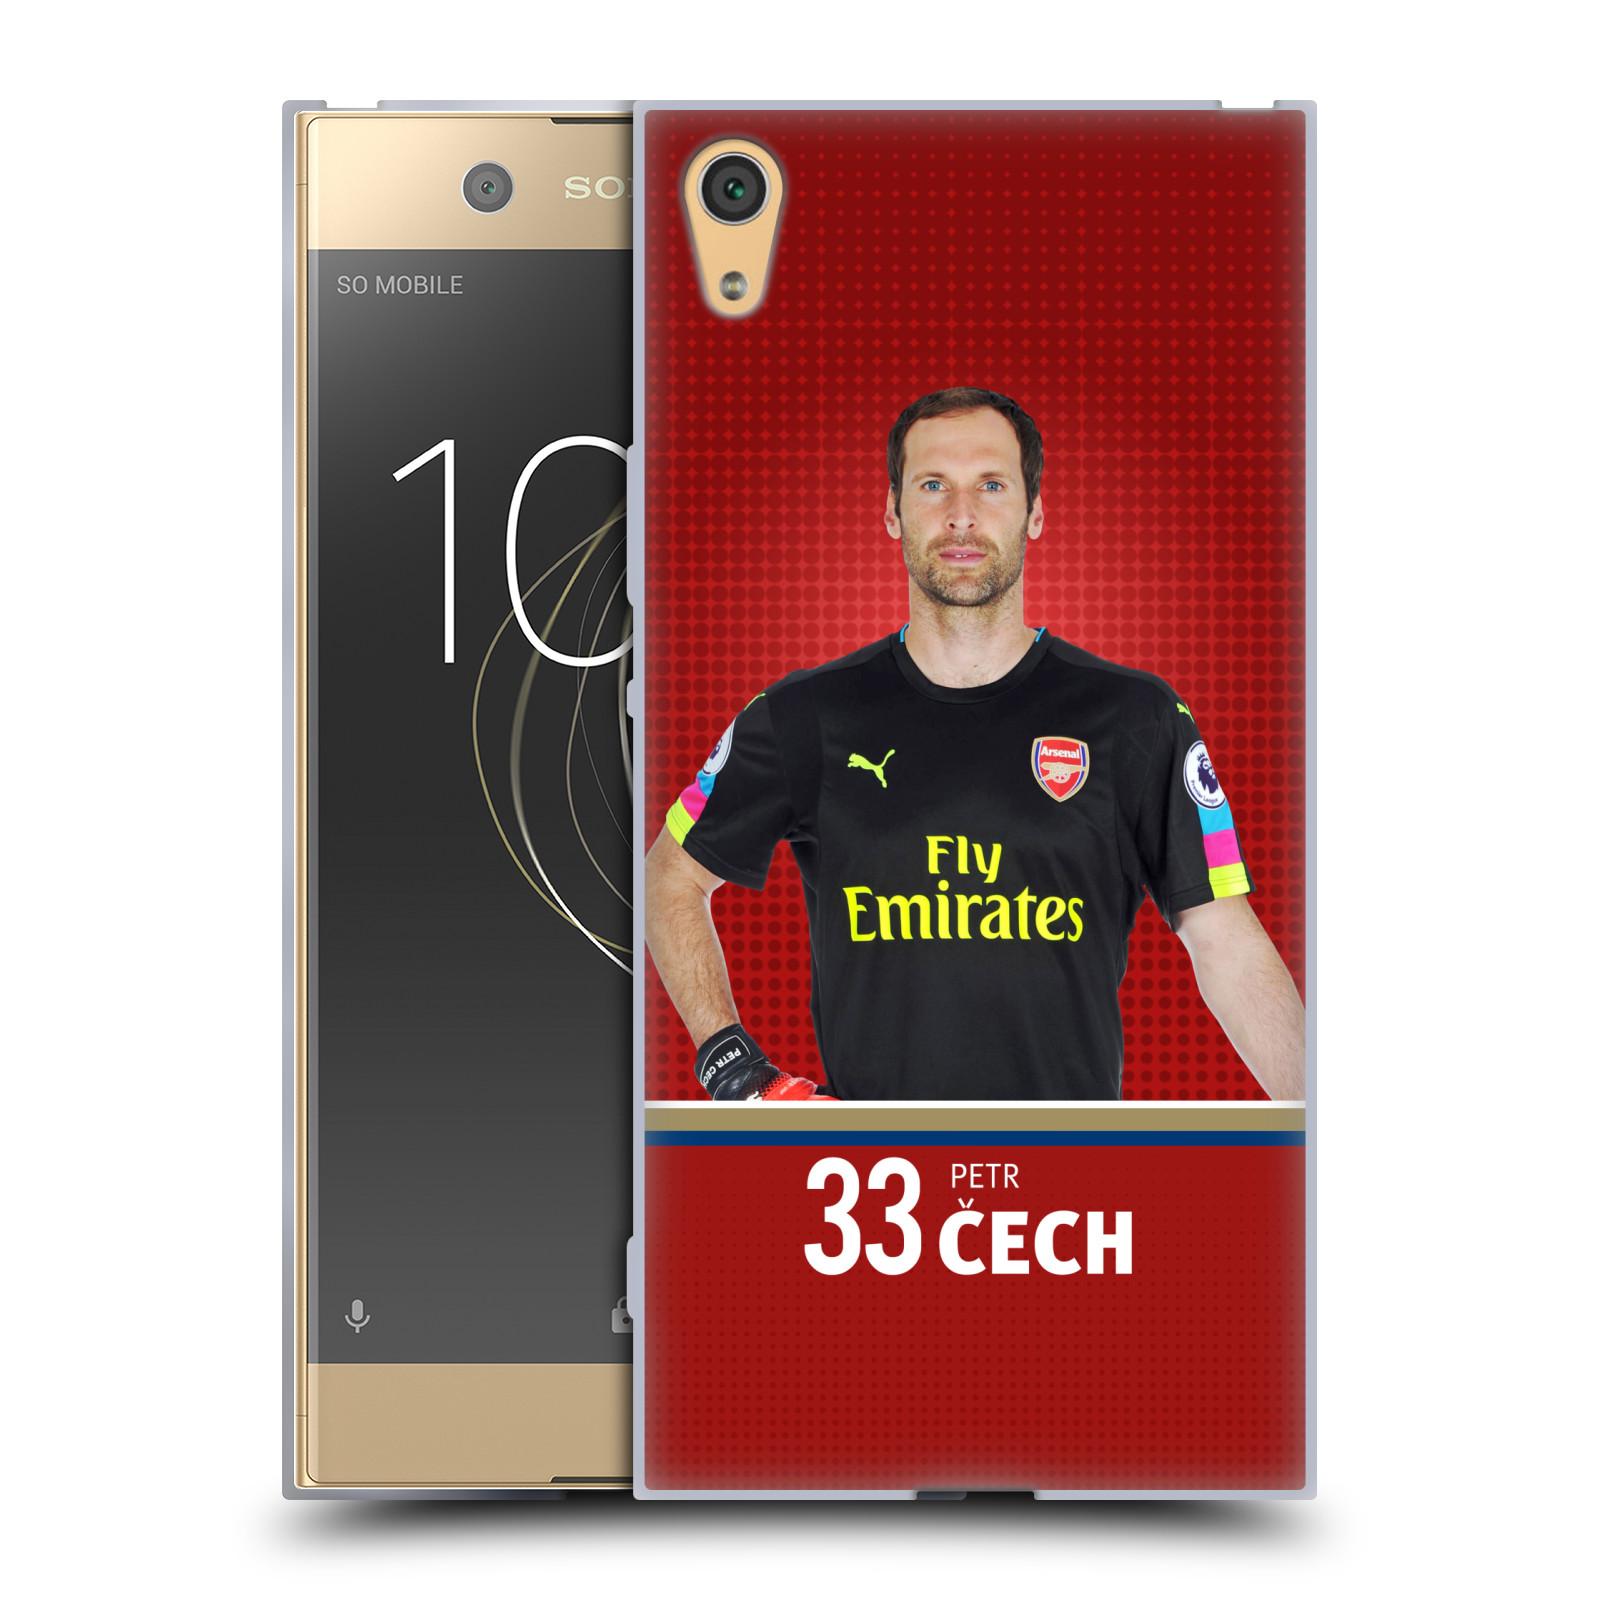 Silikonové pouzdro na mobil Sony Xperia XA1 Ultra - Head Case - Arsenal FC - Petr Čech